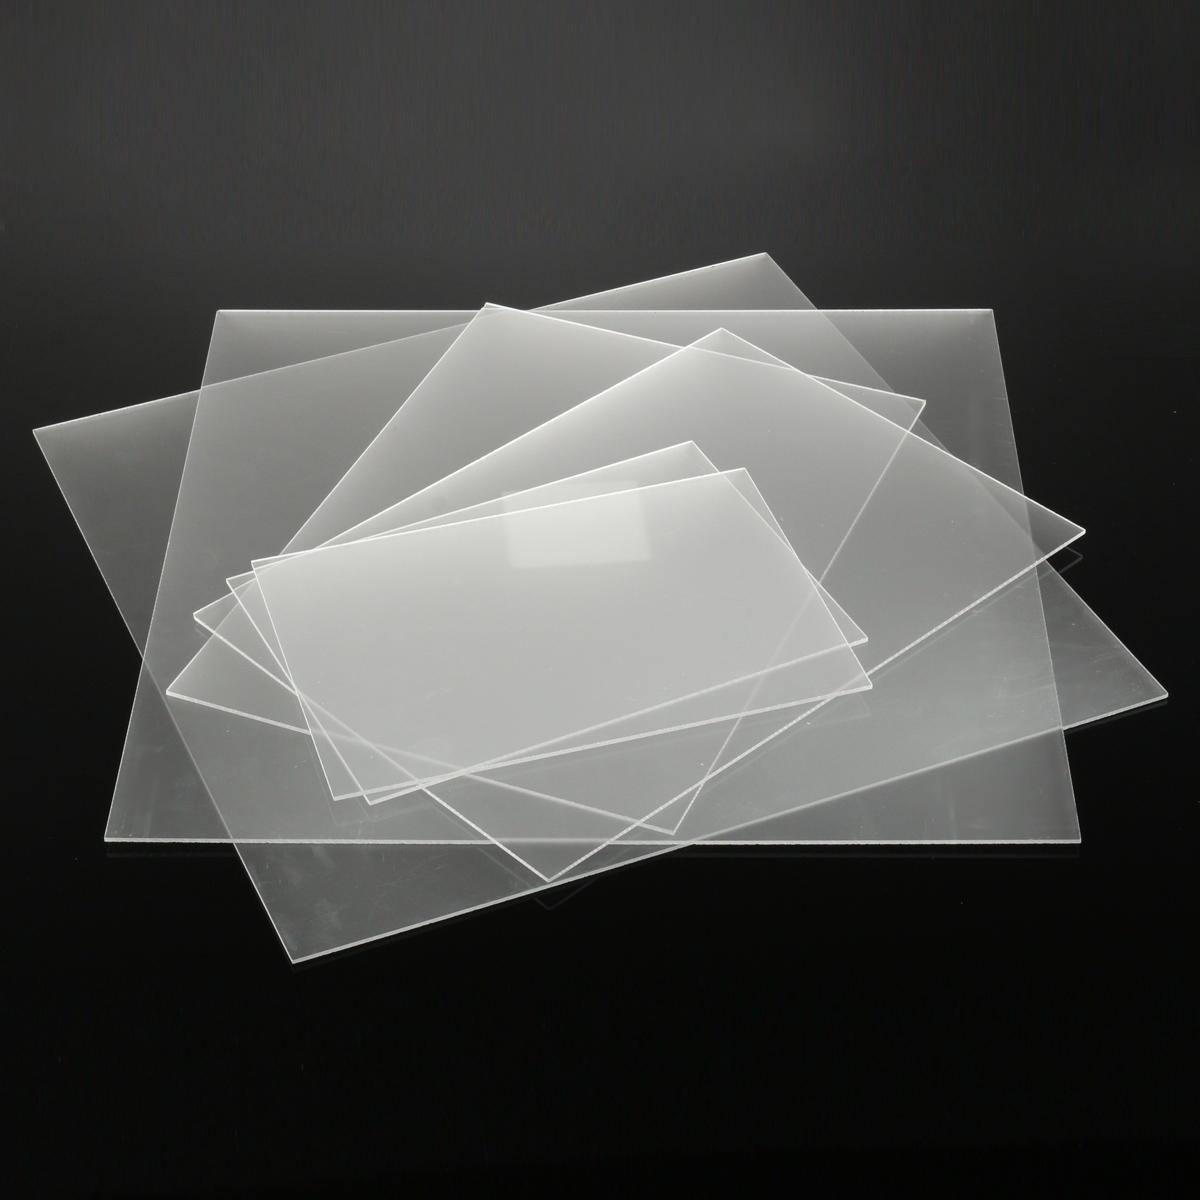 แผ่นอะคริลิคเคลือบเงาฝ้าขนาด 3 มม. แผ่นพลาสติกด้านหลังเคลือบด้านซาติน 6 สี